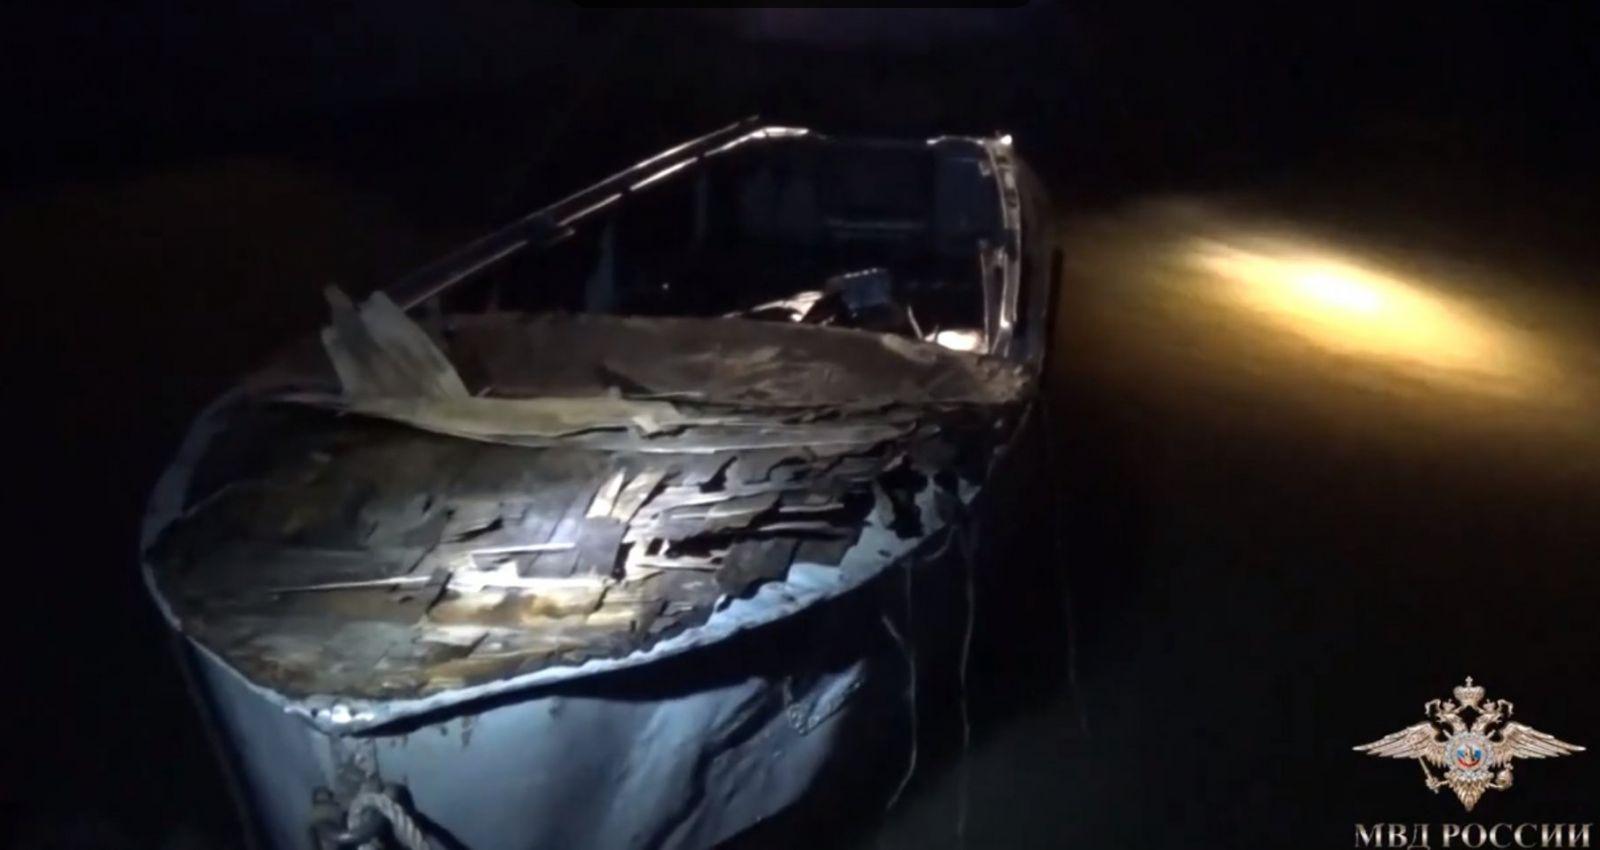 Сотрудники транспортной полиции в Барнауле спасли двух мужчин, тонувших в Оби